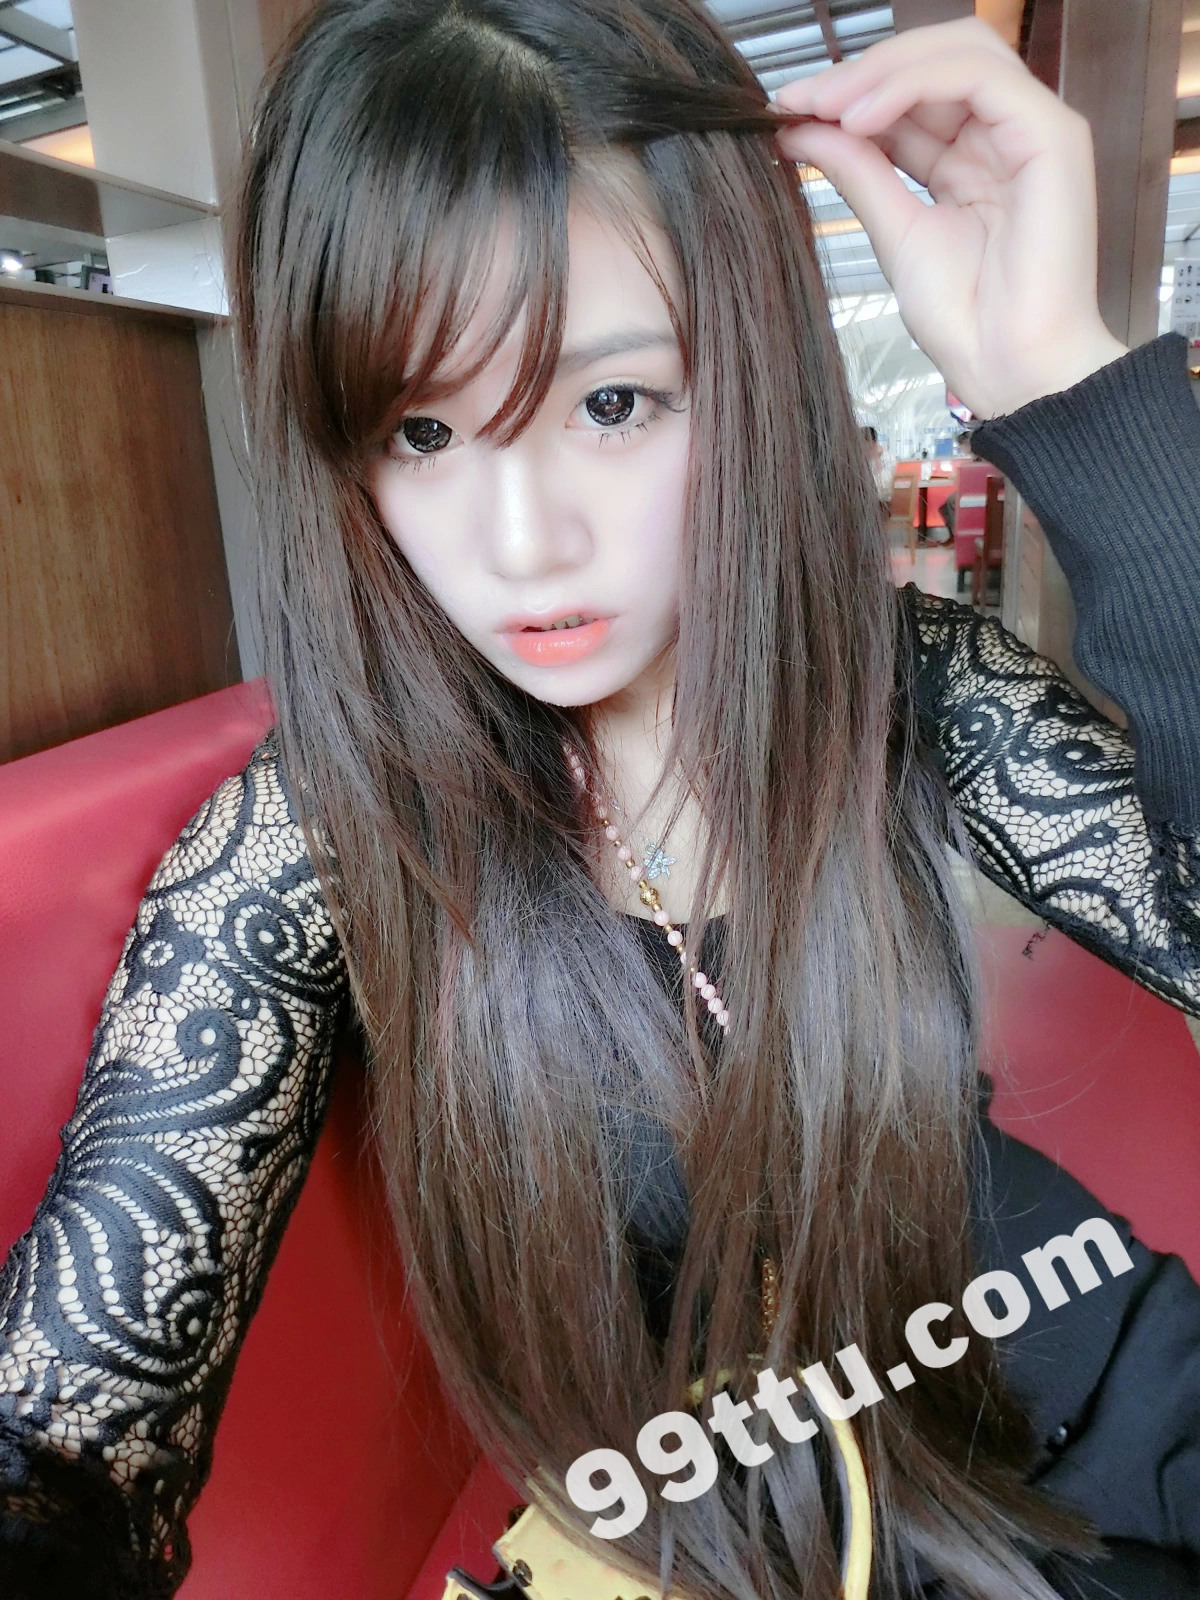 KK90_1390图+6视频 美女靓丽青春素材生活照-2